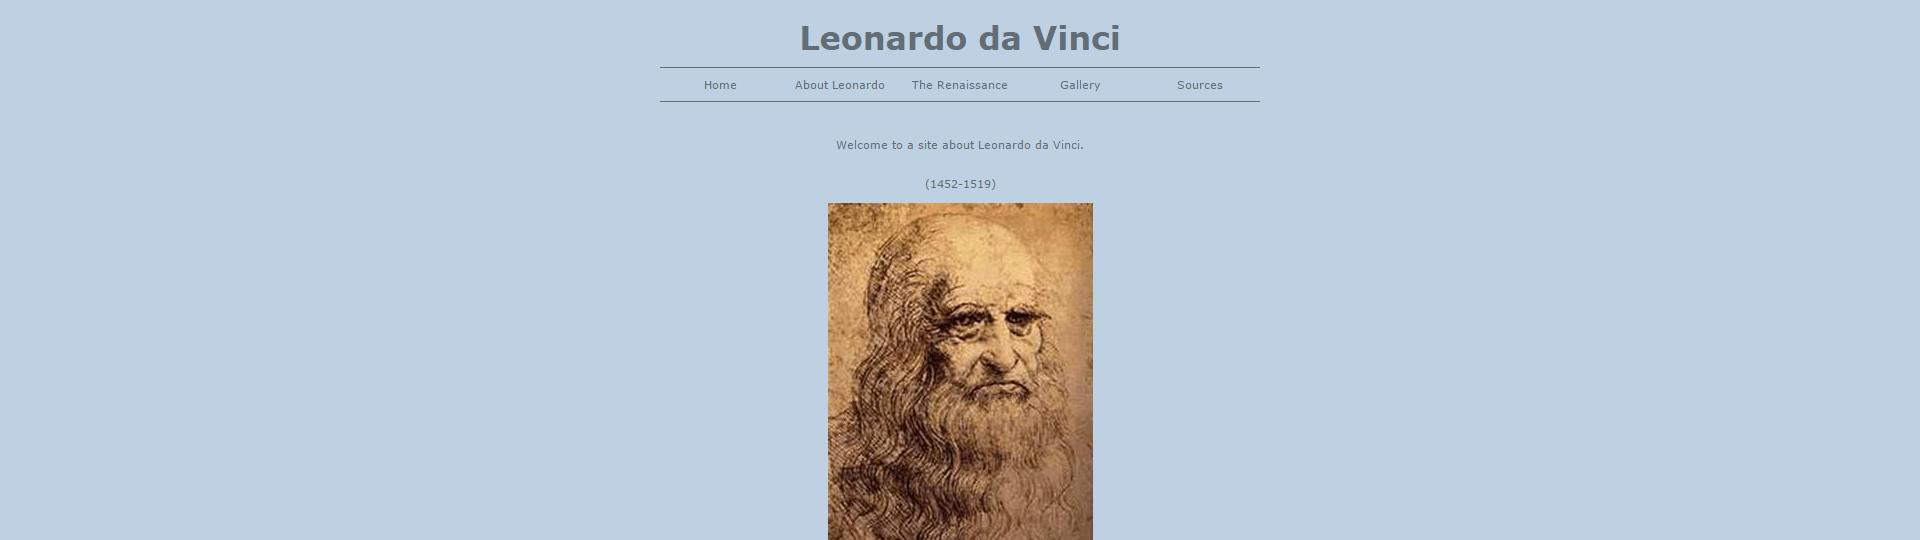 leonardo-da-vinci/assets/images/banner.png